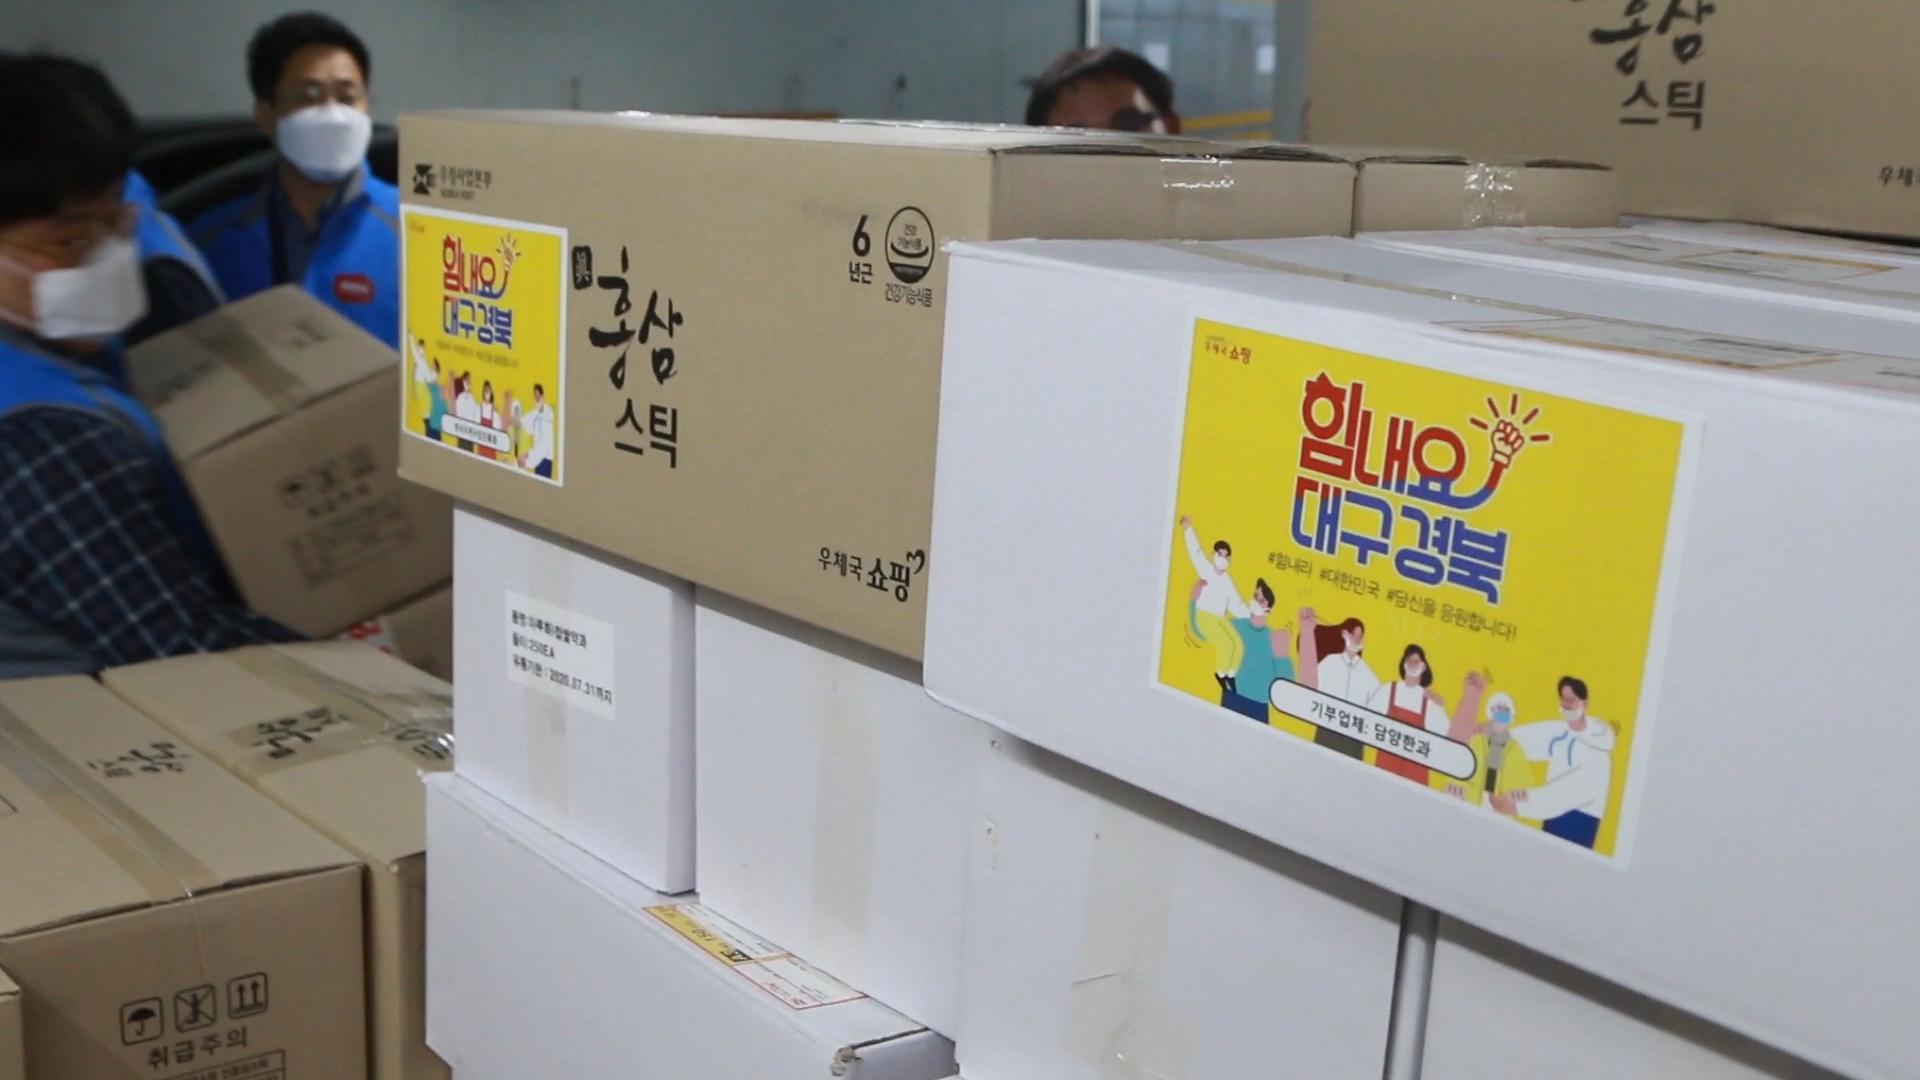 한국우편사업진흥원 직원들이 기부물품을 경북 재난안전대책본부로 보내기 위해 차에 싣는 모습